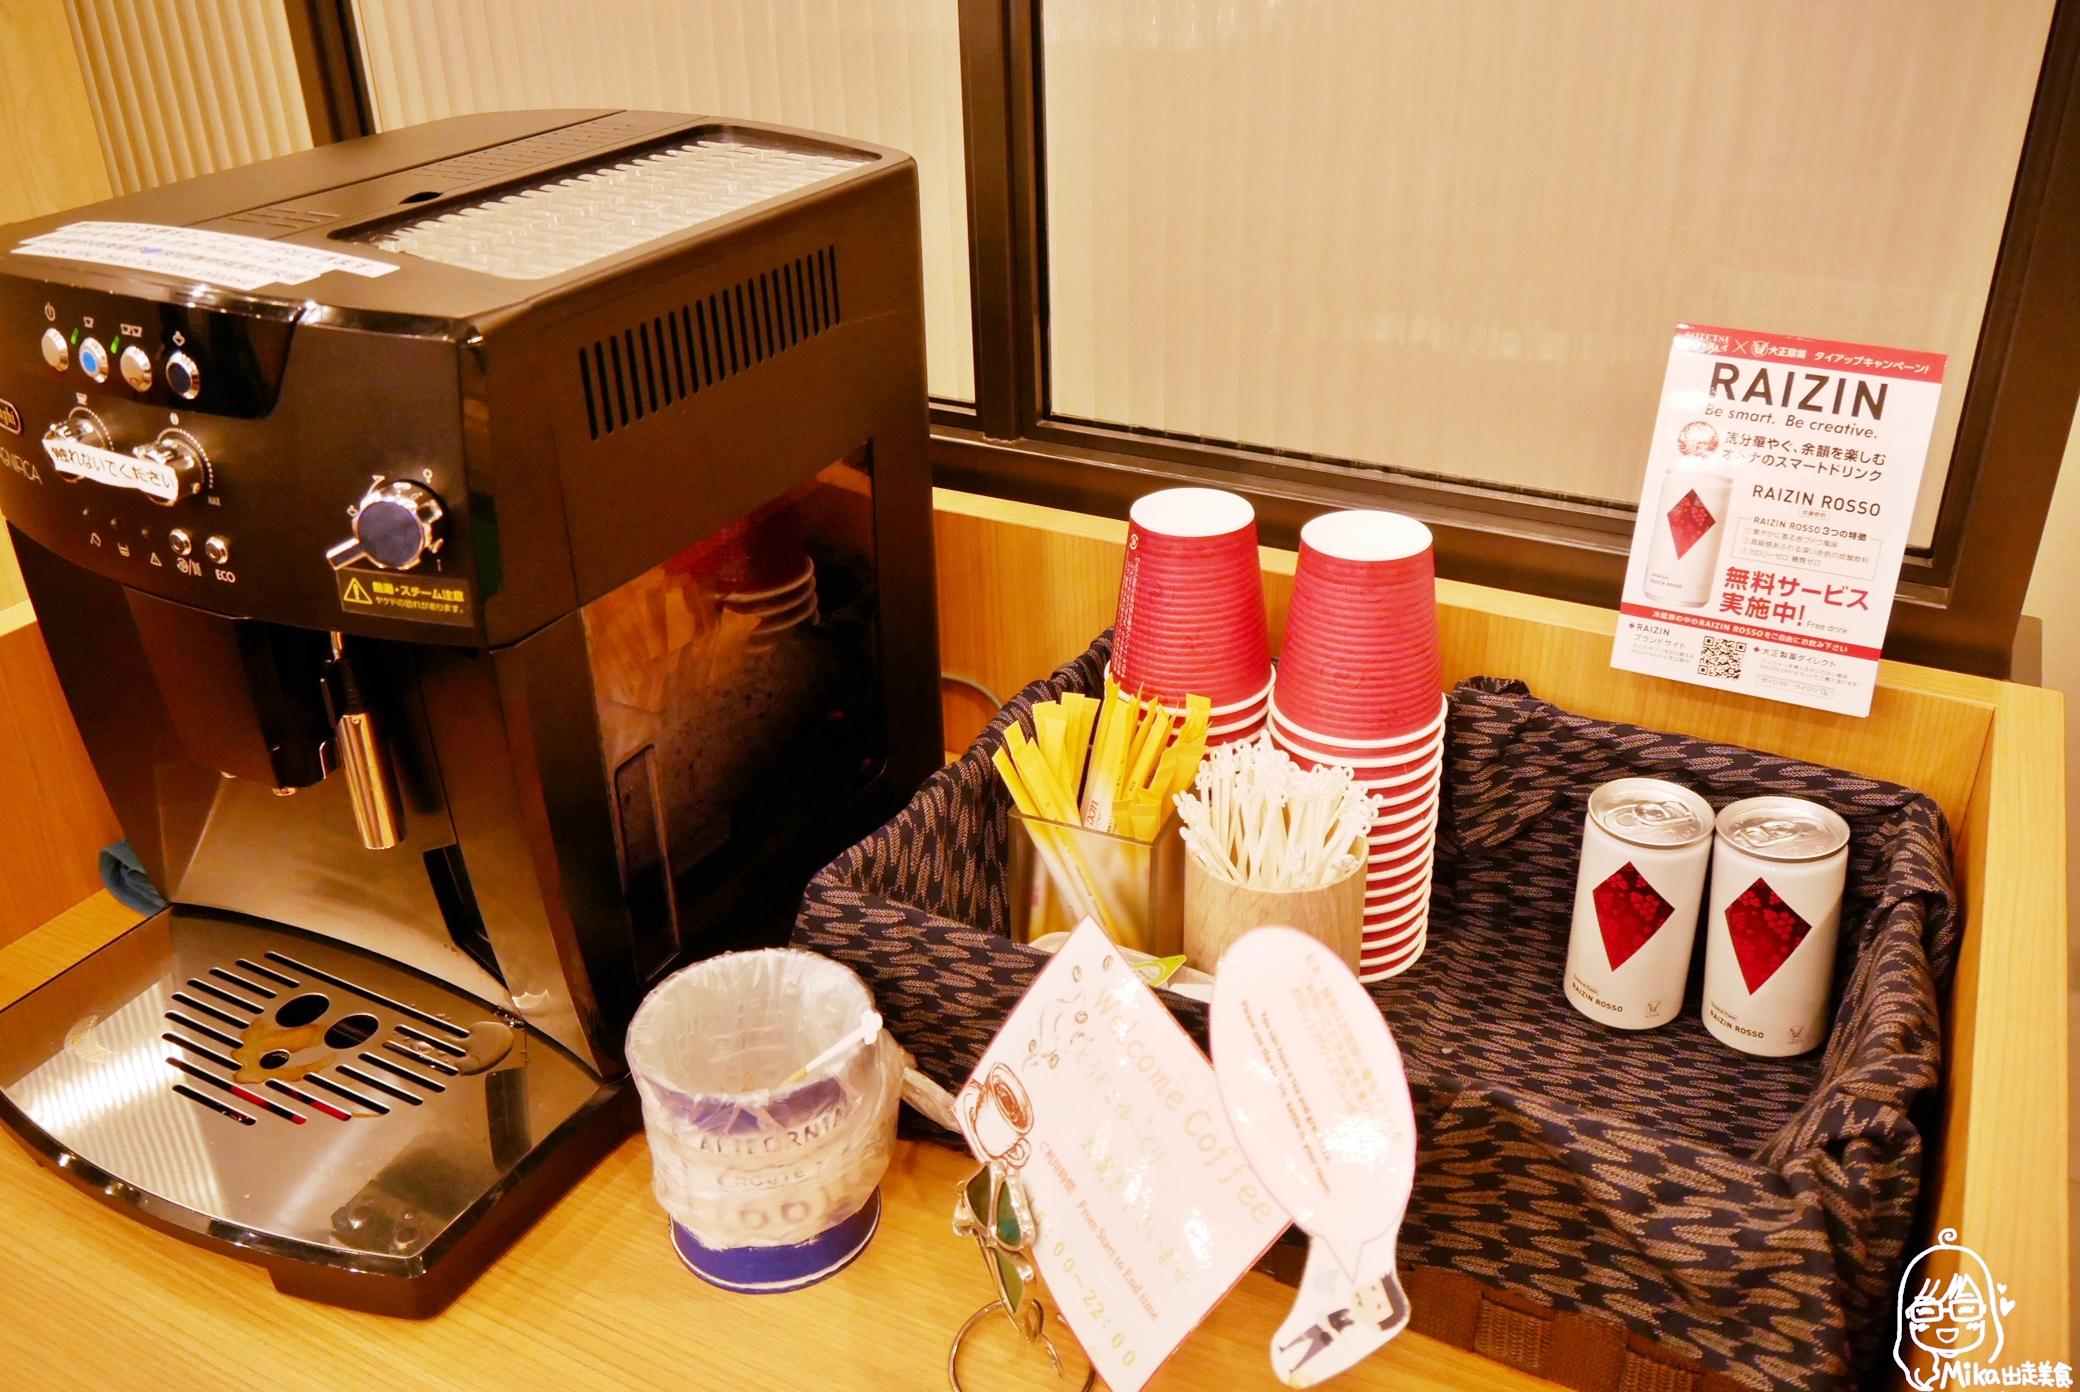 『日本。神戶』 神戶三宮推薦住宿 相鐵フレッサイン飯店 (Sotetsu Fresa Inn Kobe Sannomiya)|離JR車站超近 地理位置優越 附近商圈很便利  另外加碼附近美食推薦。